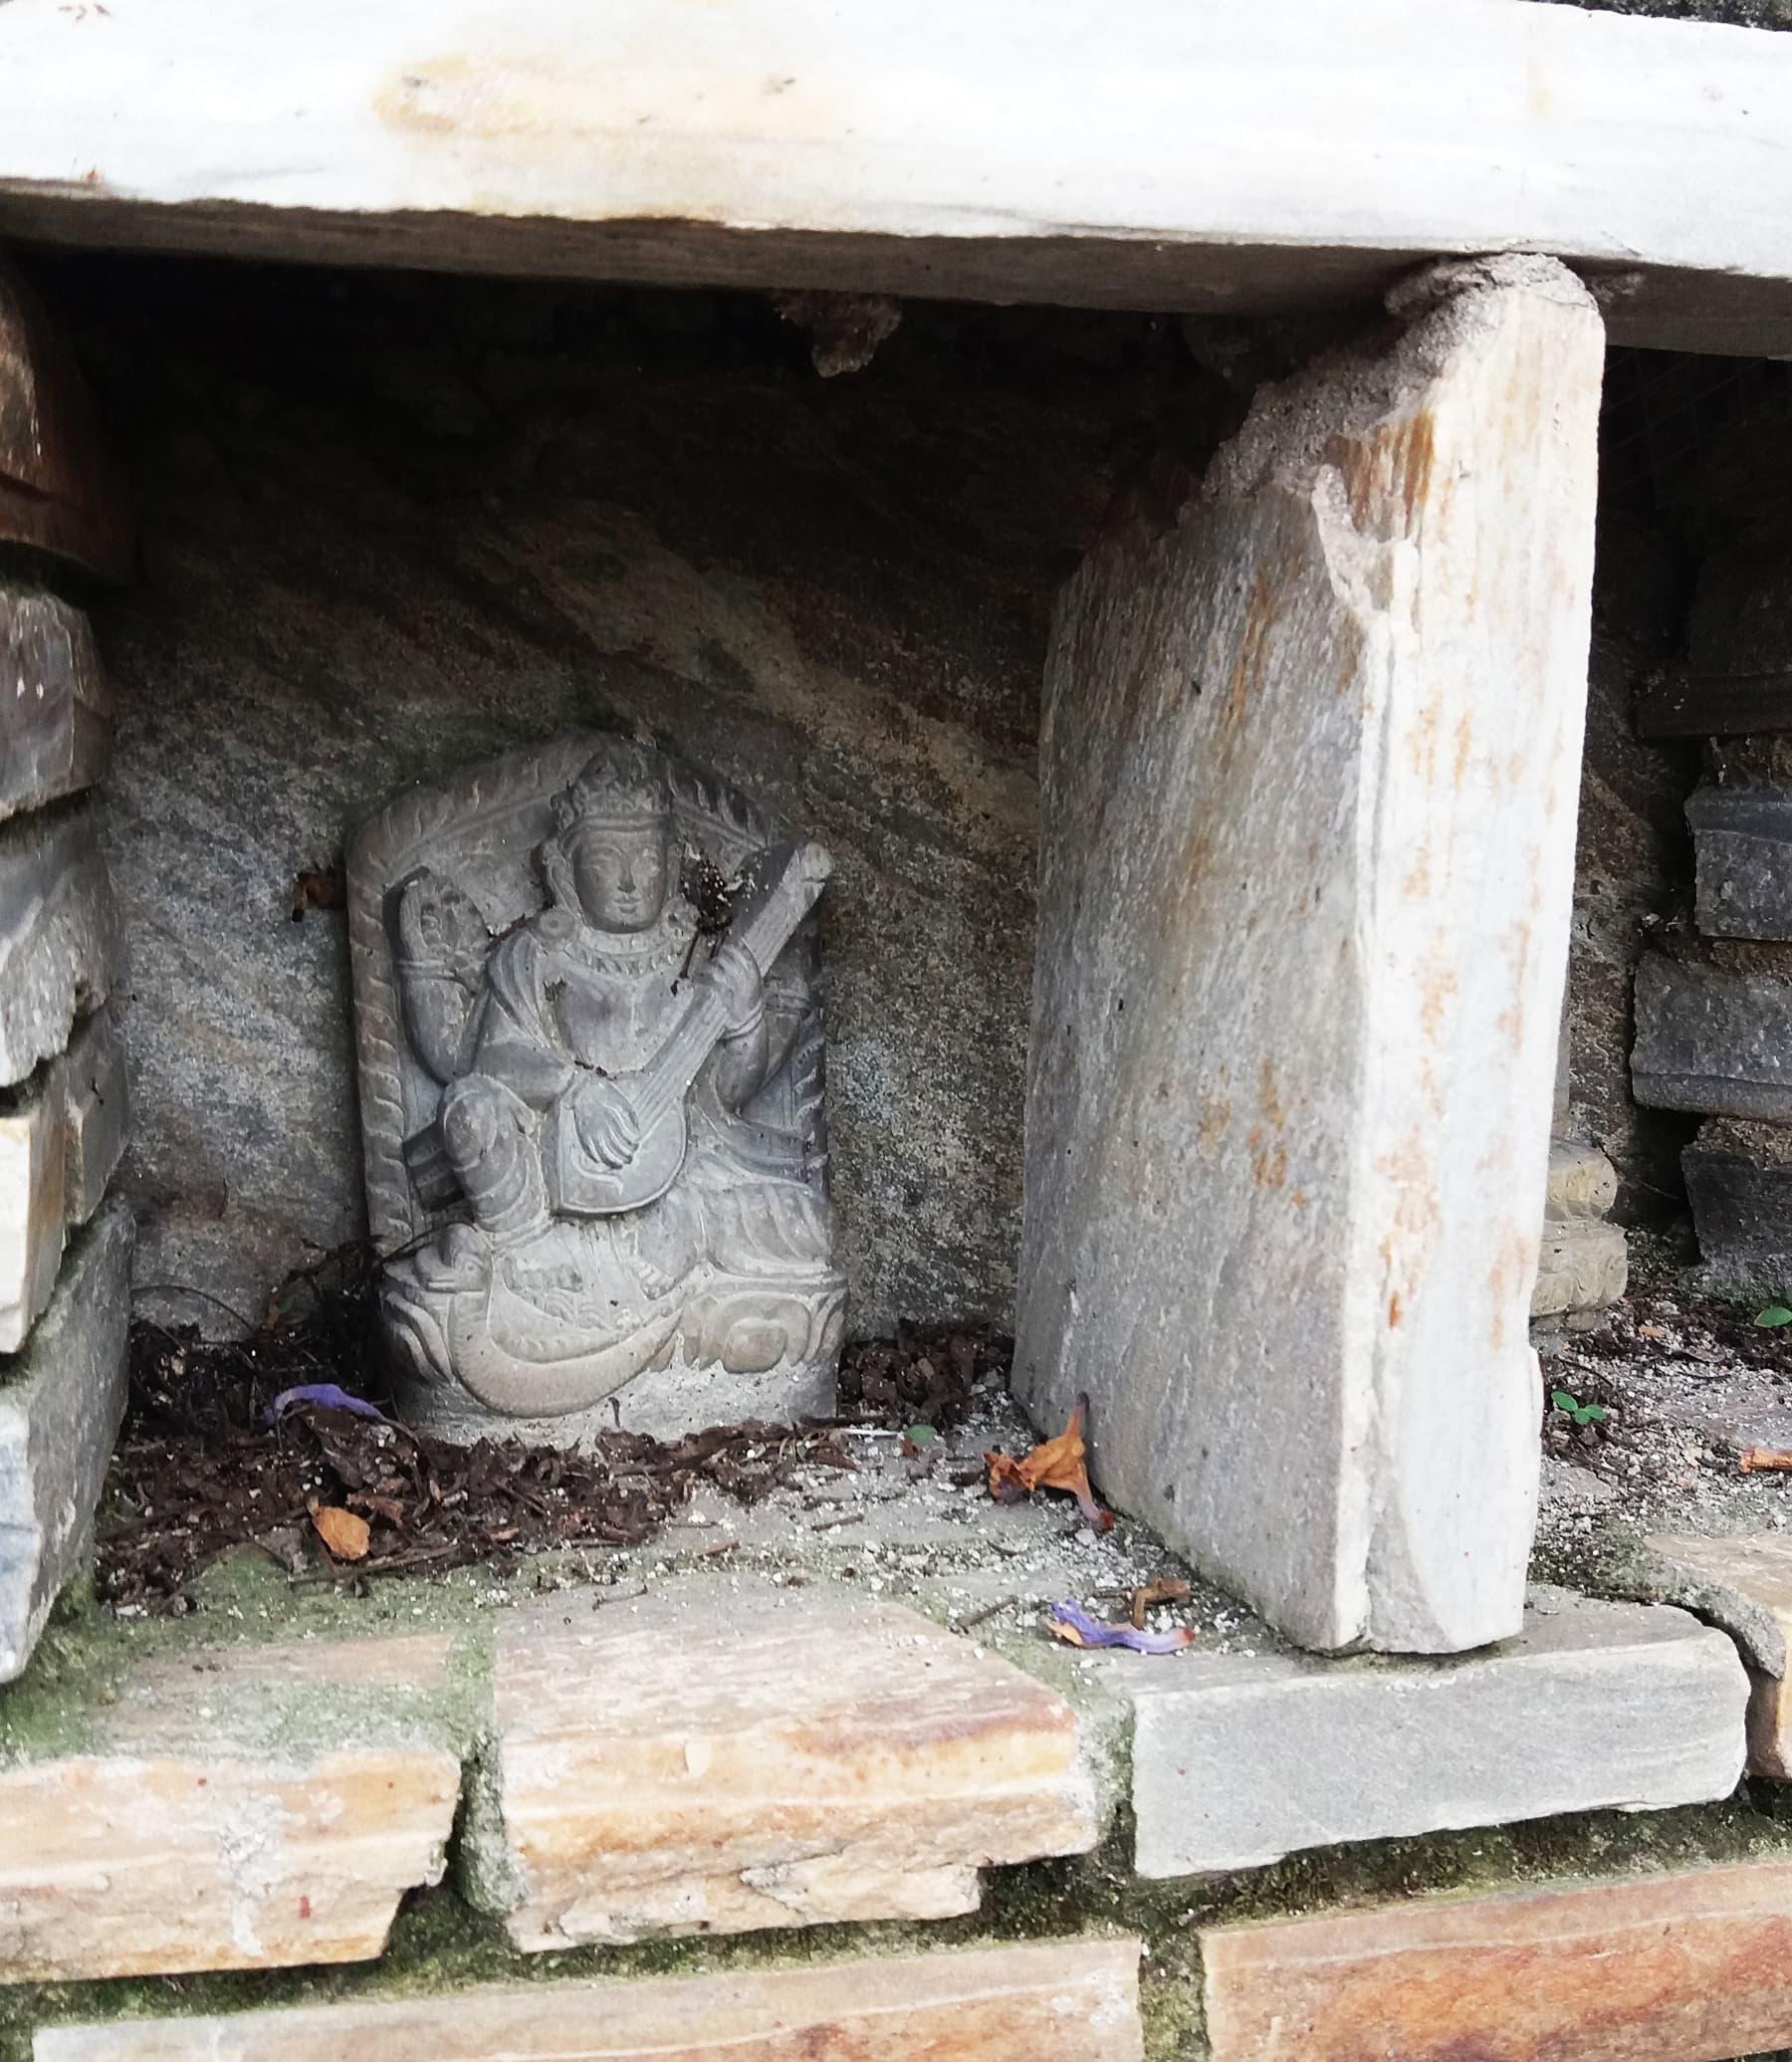 نیپال میں قدم قدم پر مندر نظر آجاتے ہیں—تصویر شبینہ فراز